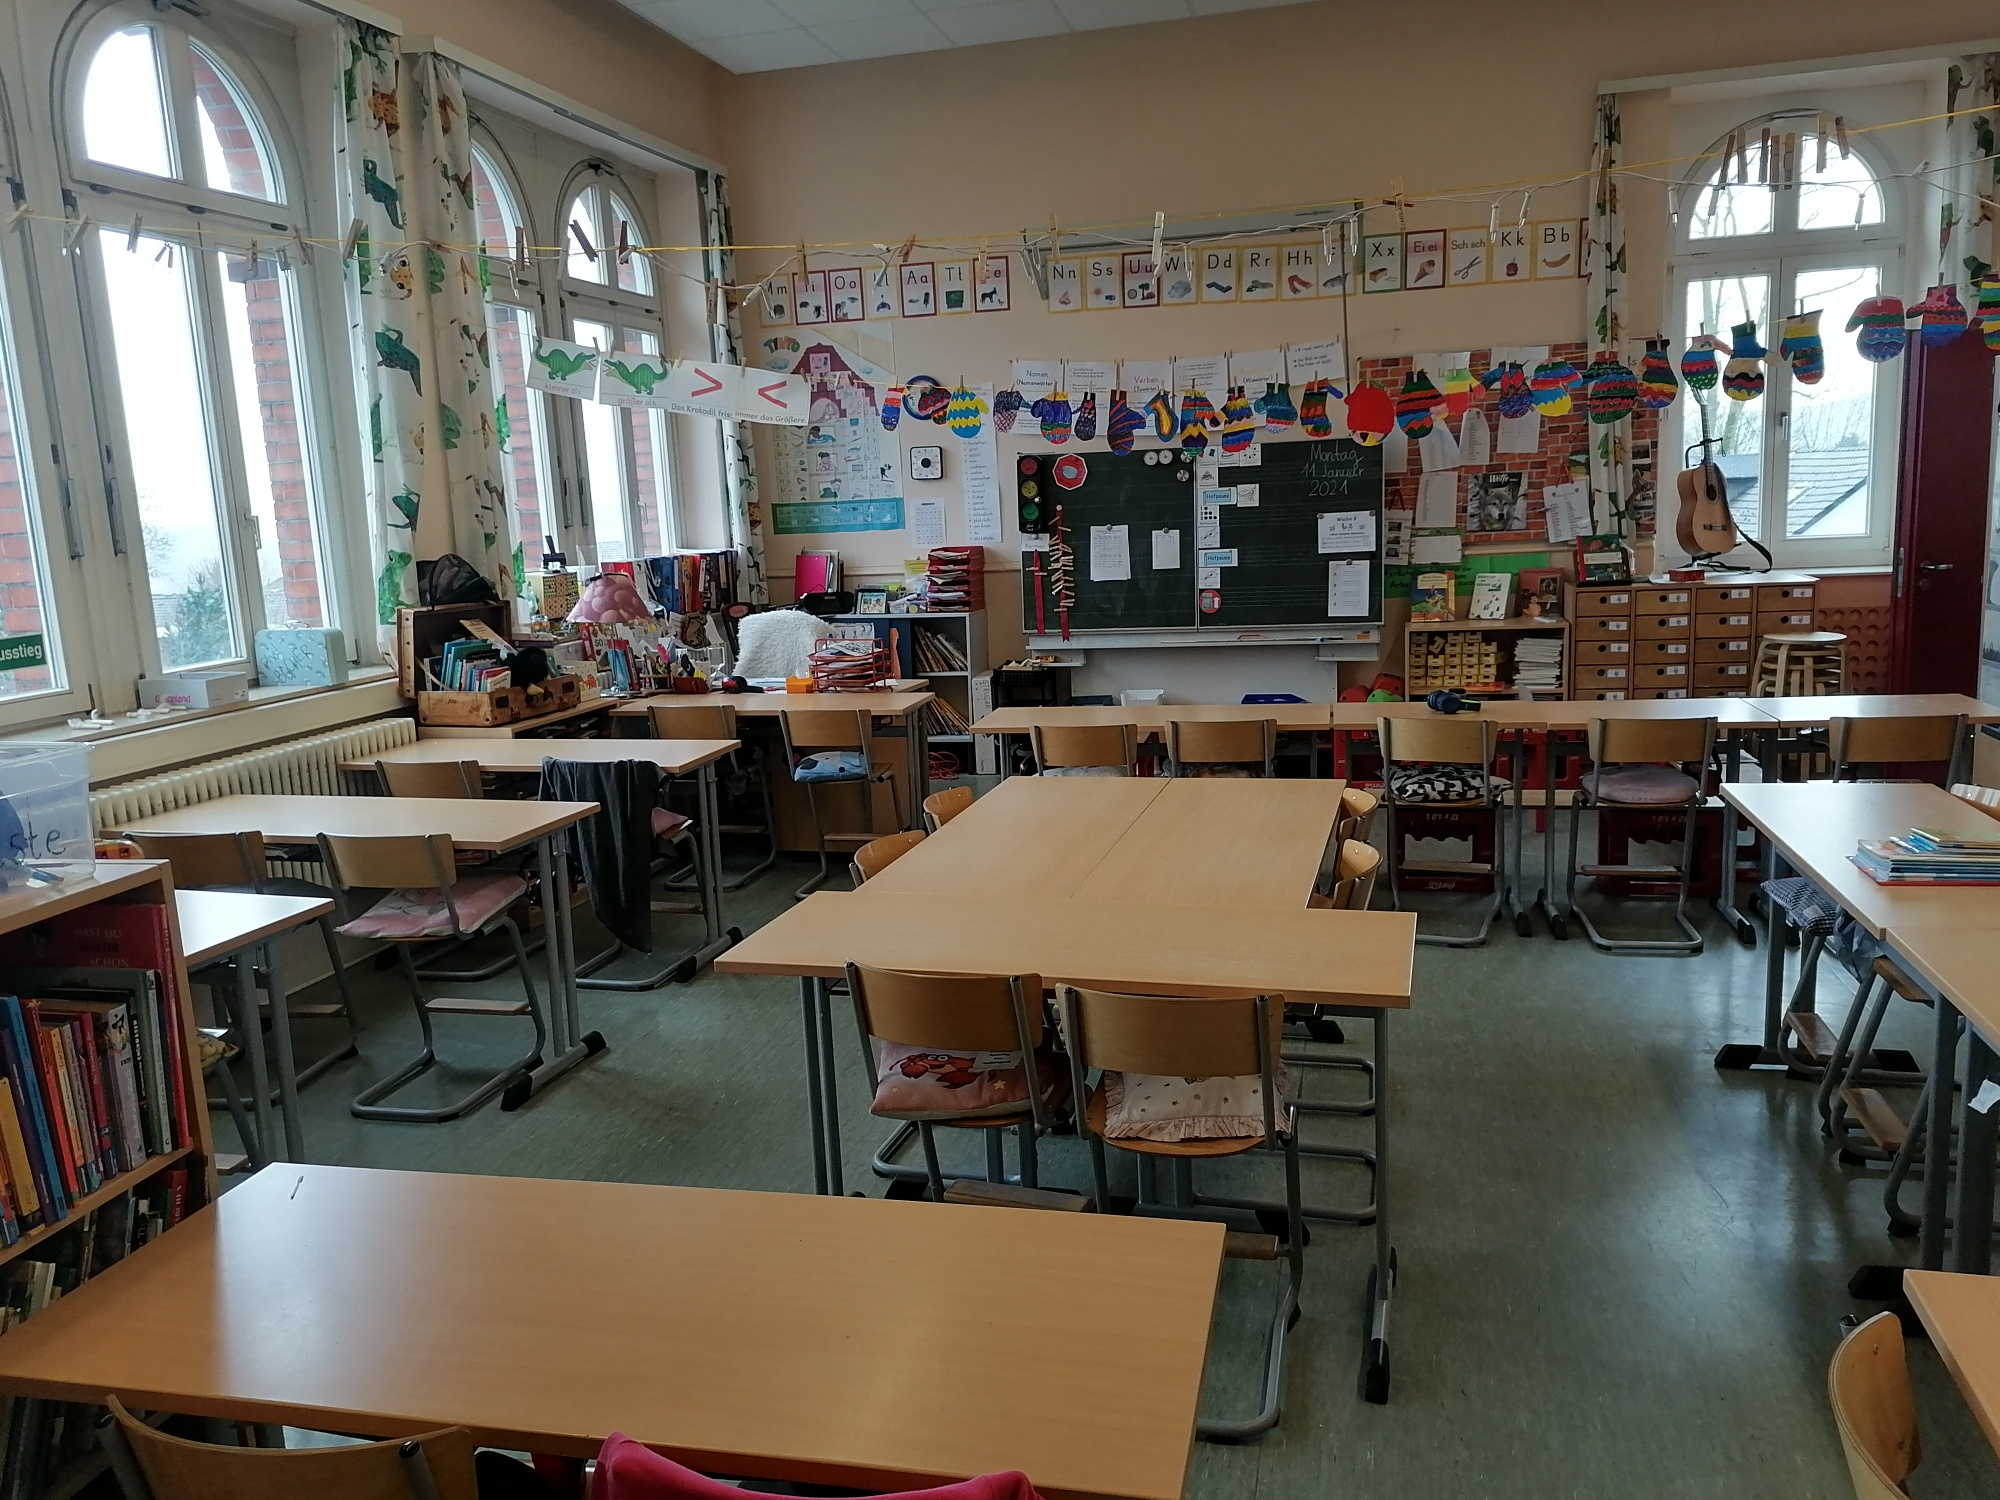 Klassenraum Altbau Obergeschoss